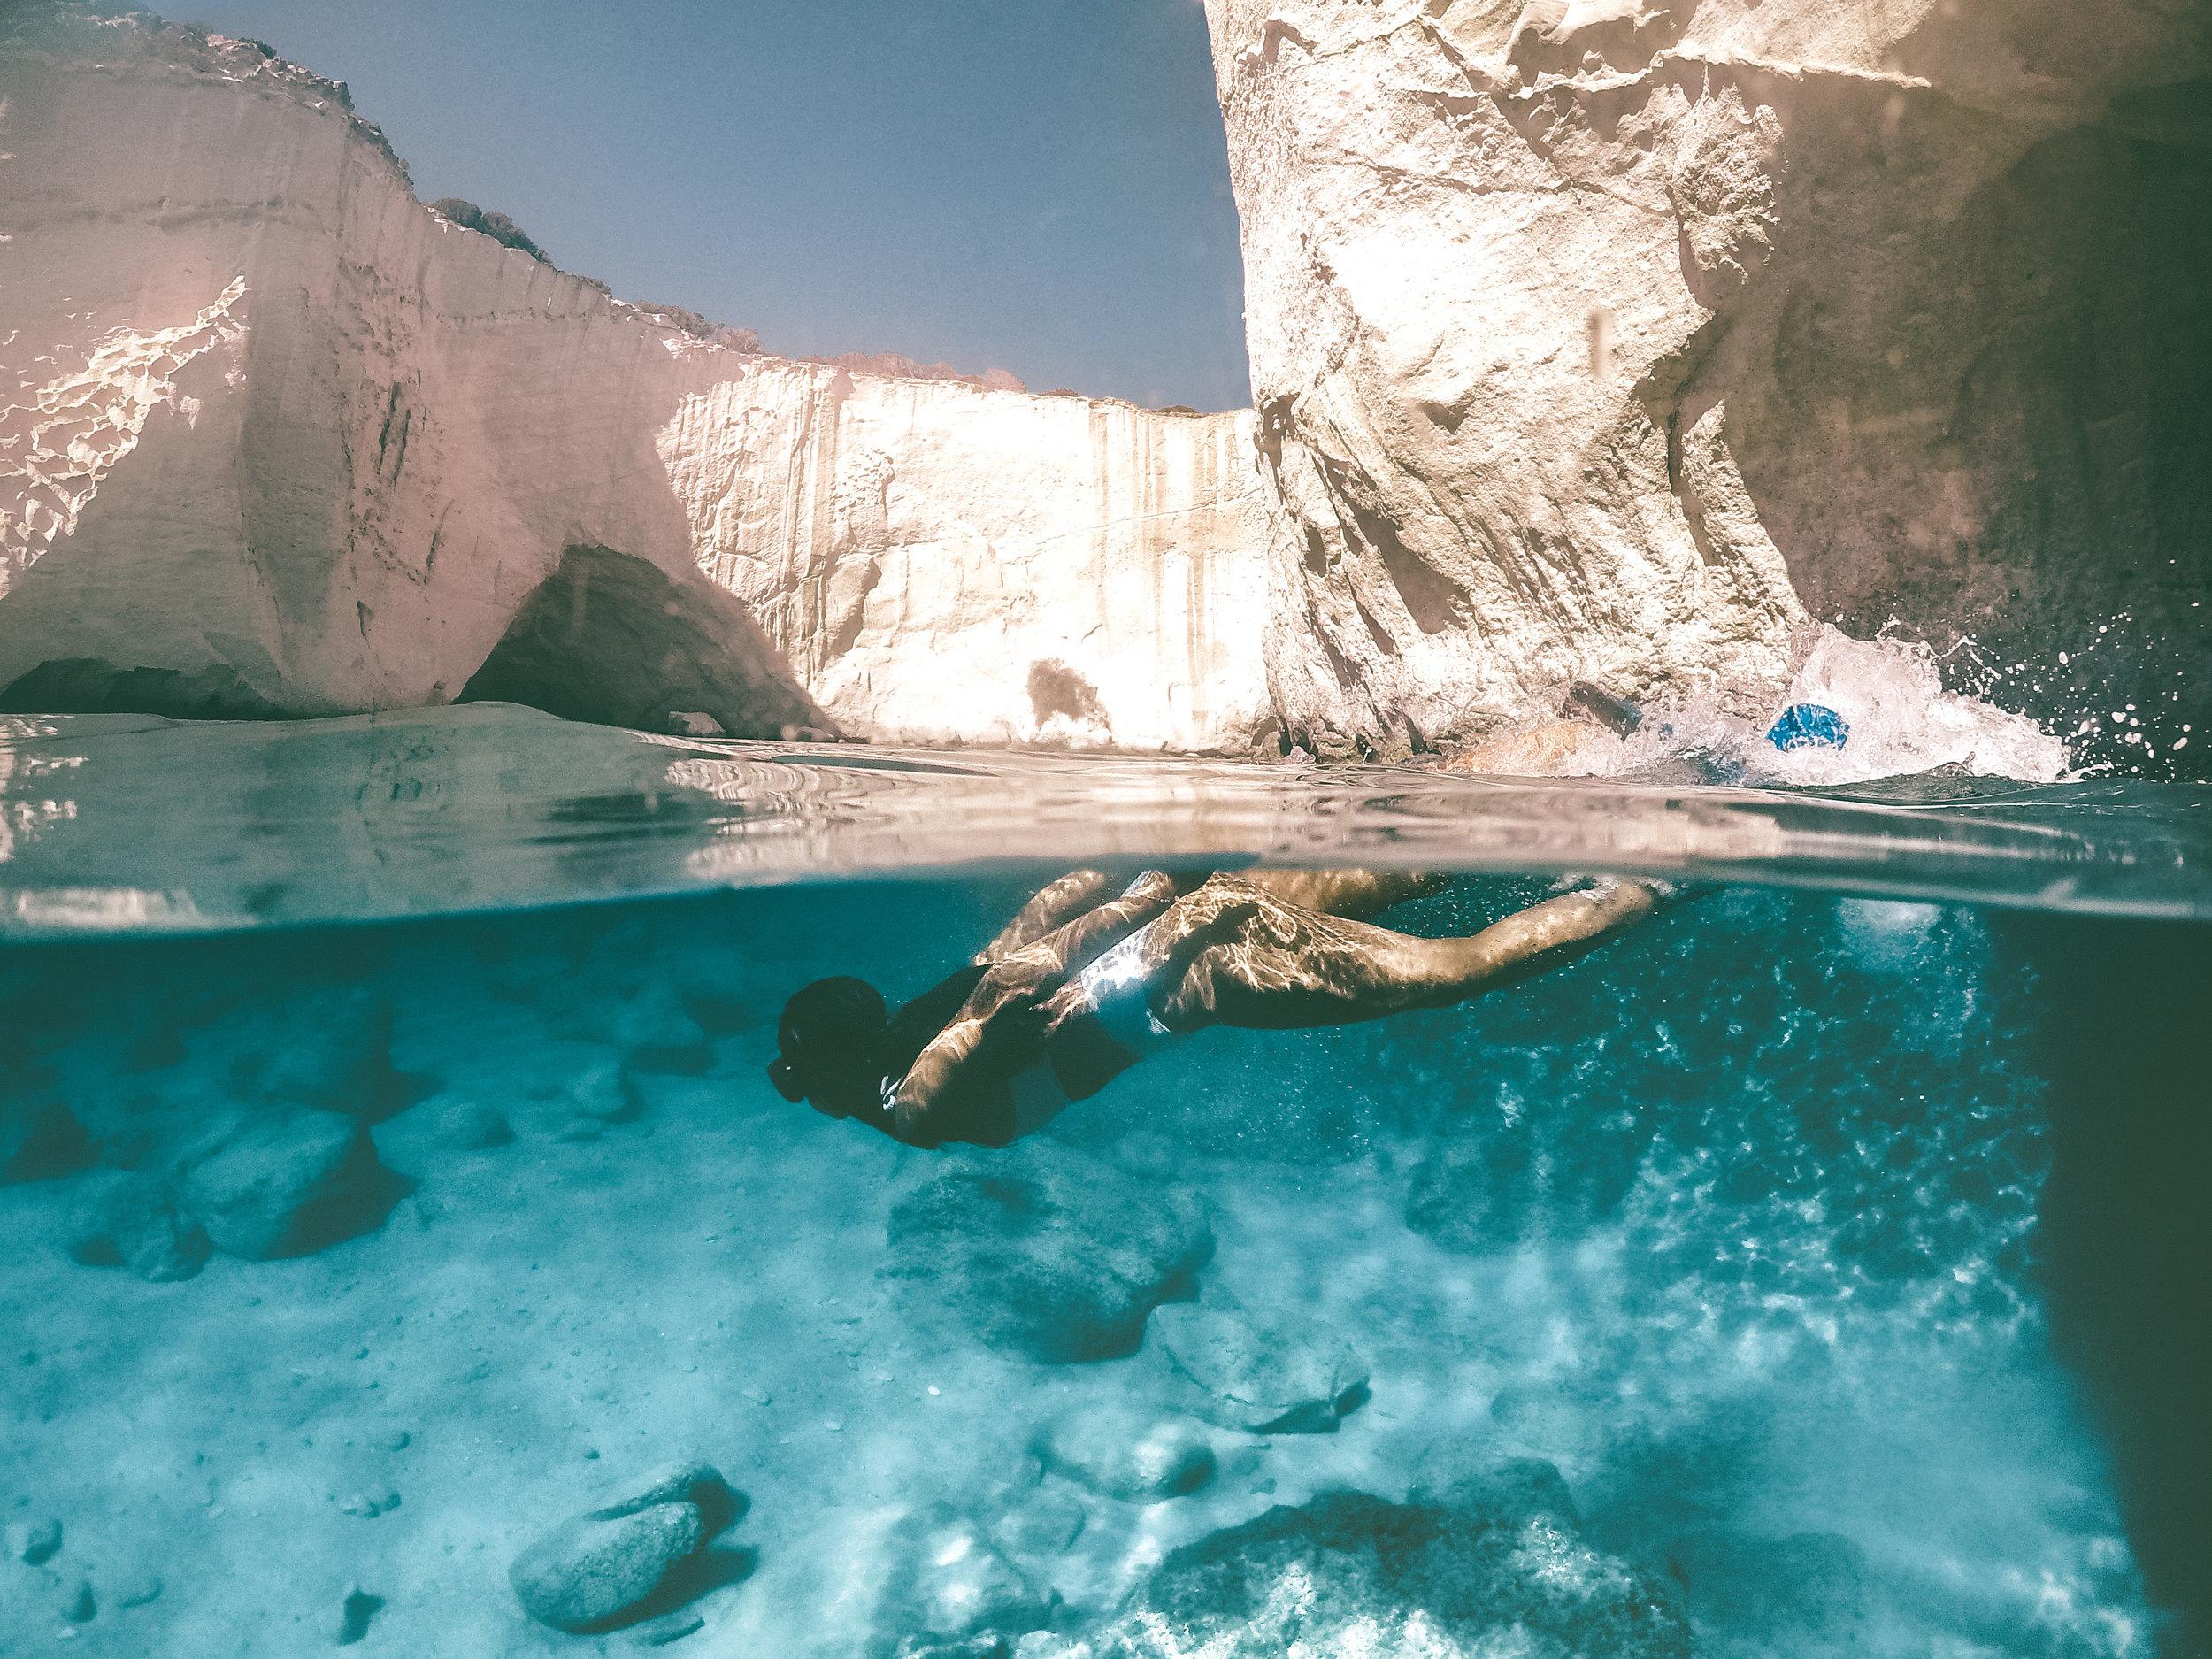 在希腊米洛斯的克莱夫提科海洞,梅尔穿着白色比基尼在水下浮潜——摄于GoPro——米洛斯旅游指南